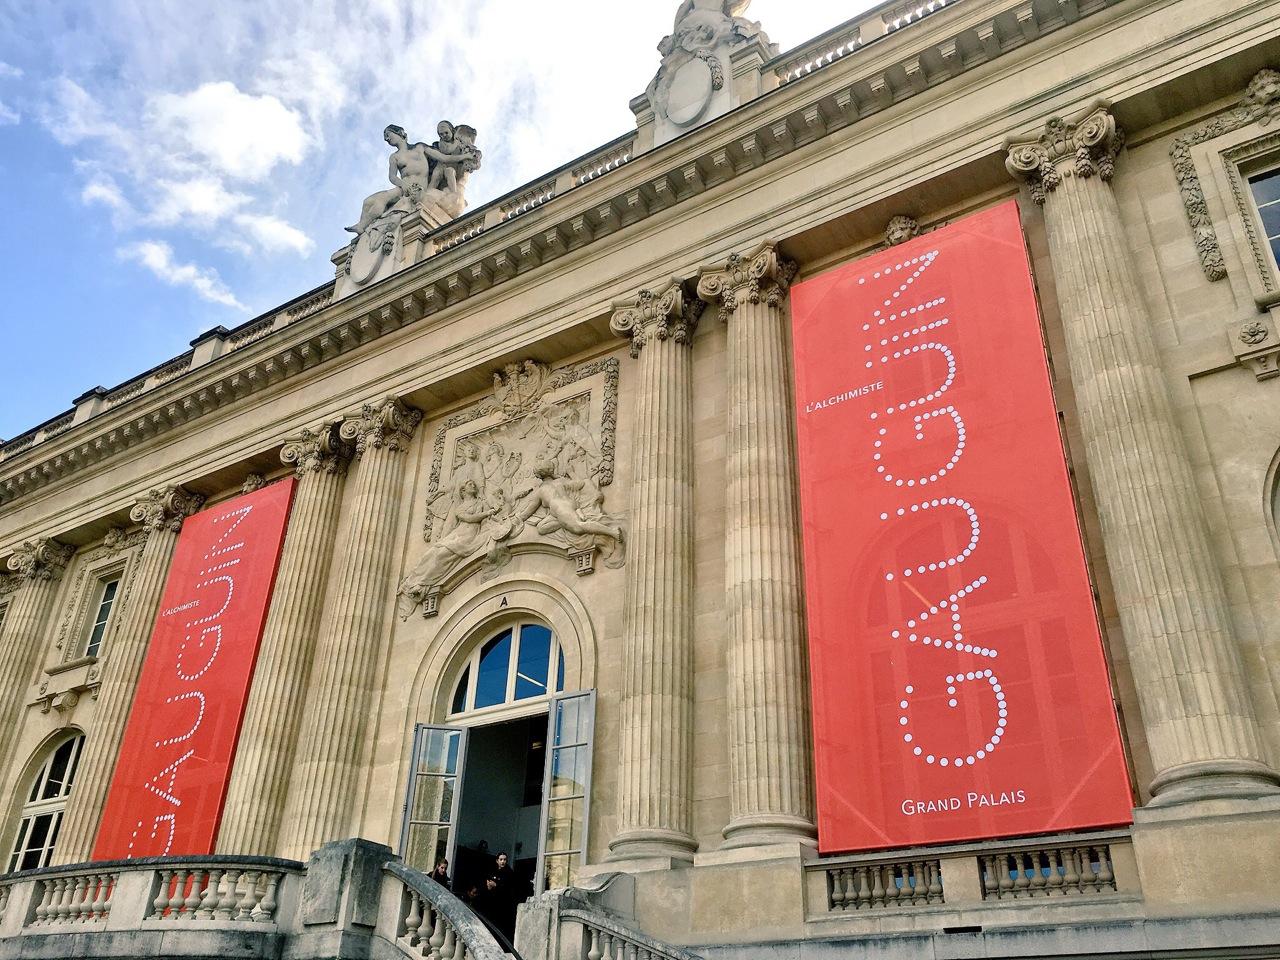 gauguin l 39 alchimiste grand palais the parisienne. Black Bedroom Furniture Sets. Home Design Ideas